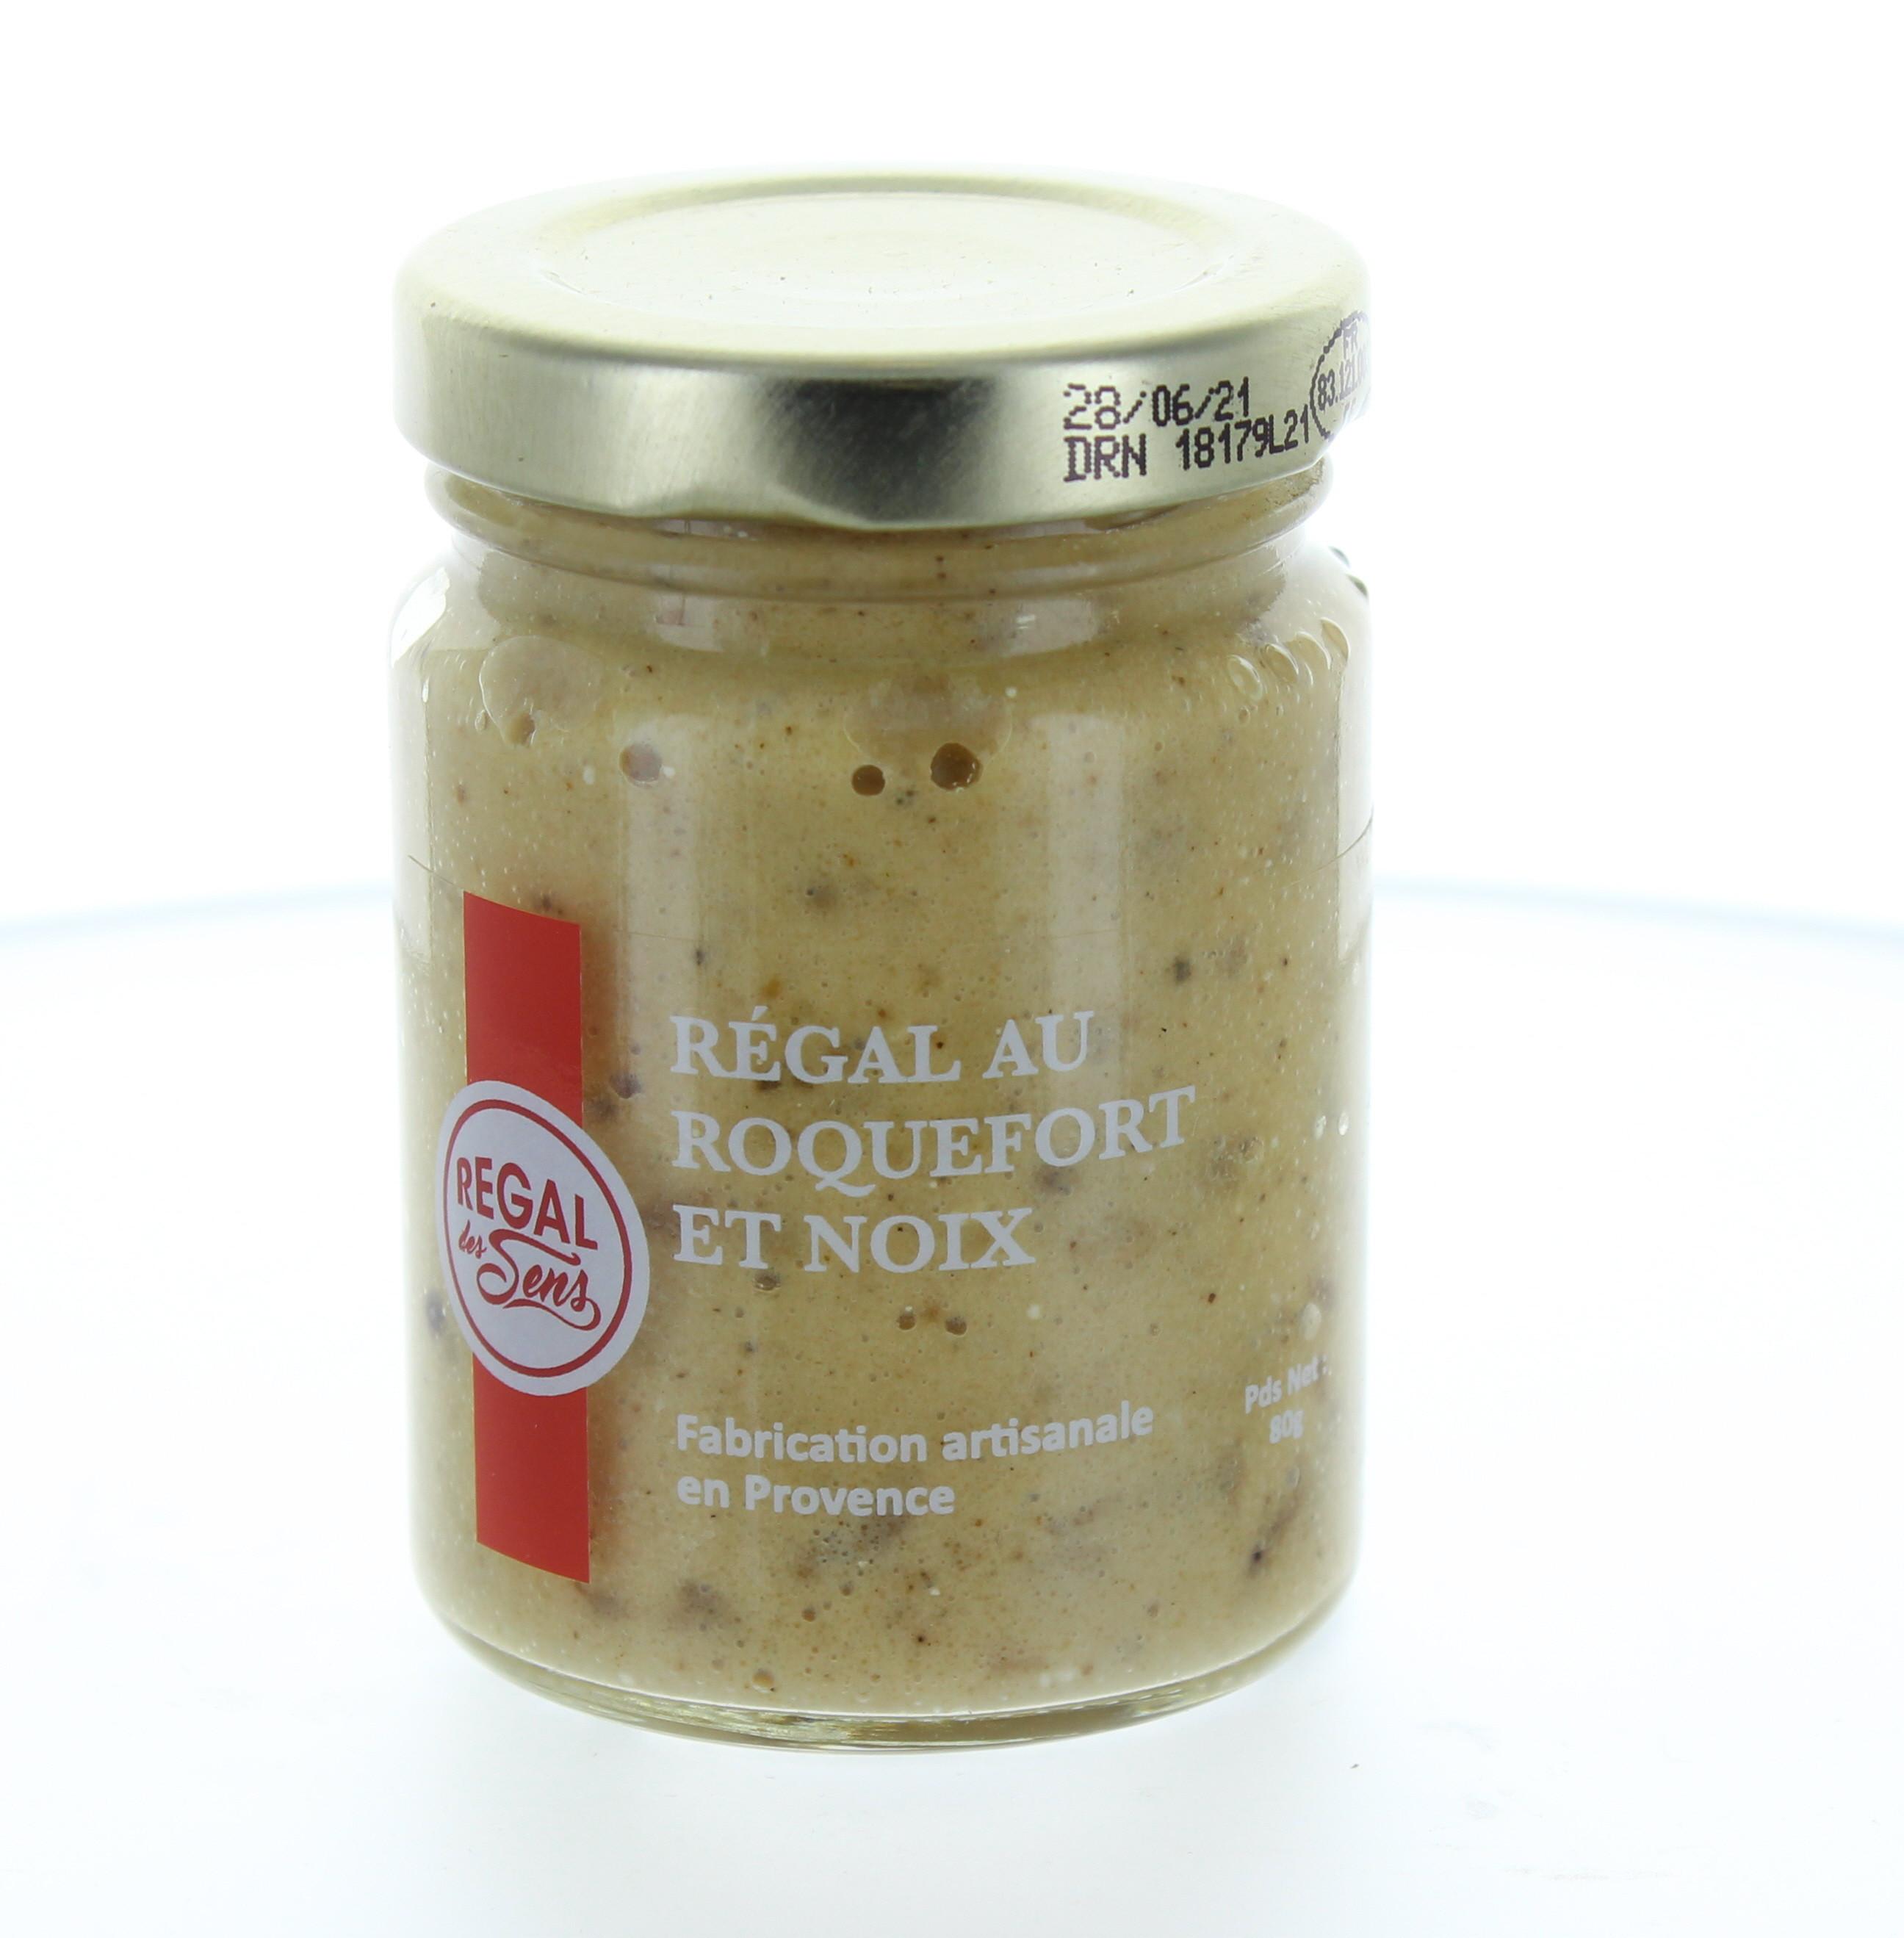 Régal de Roquefort et noix - Regal des Sens